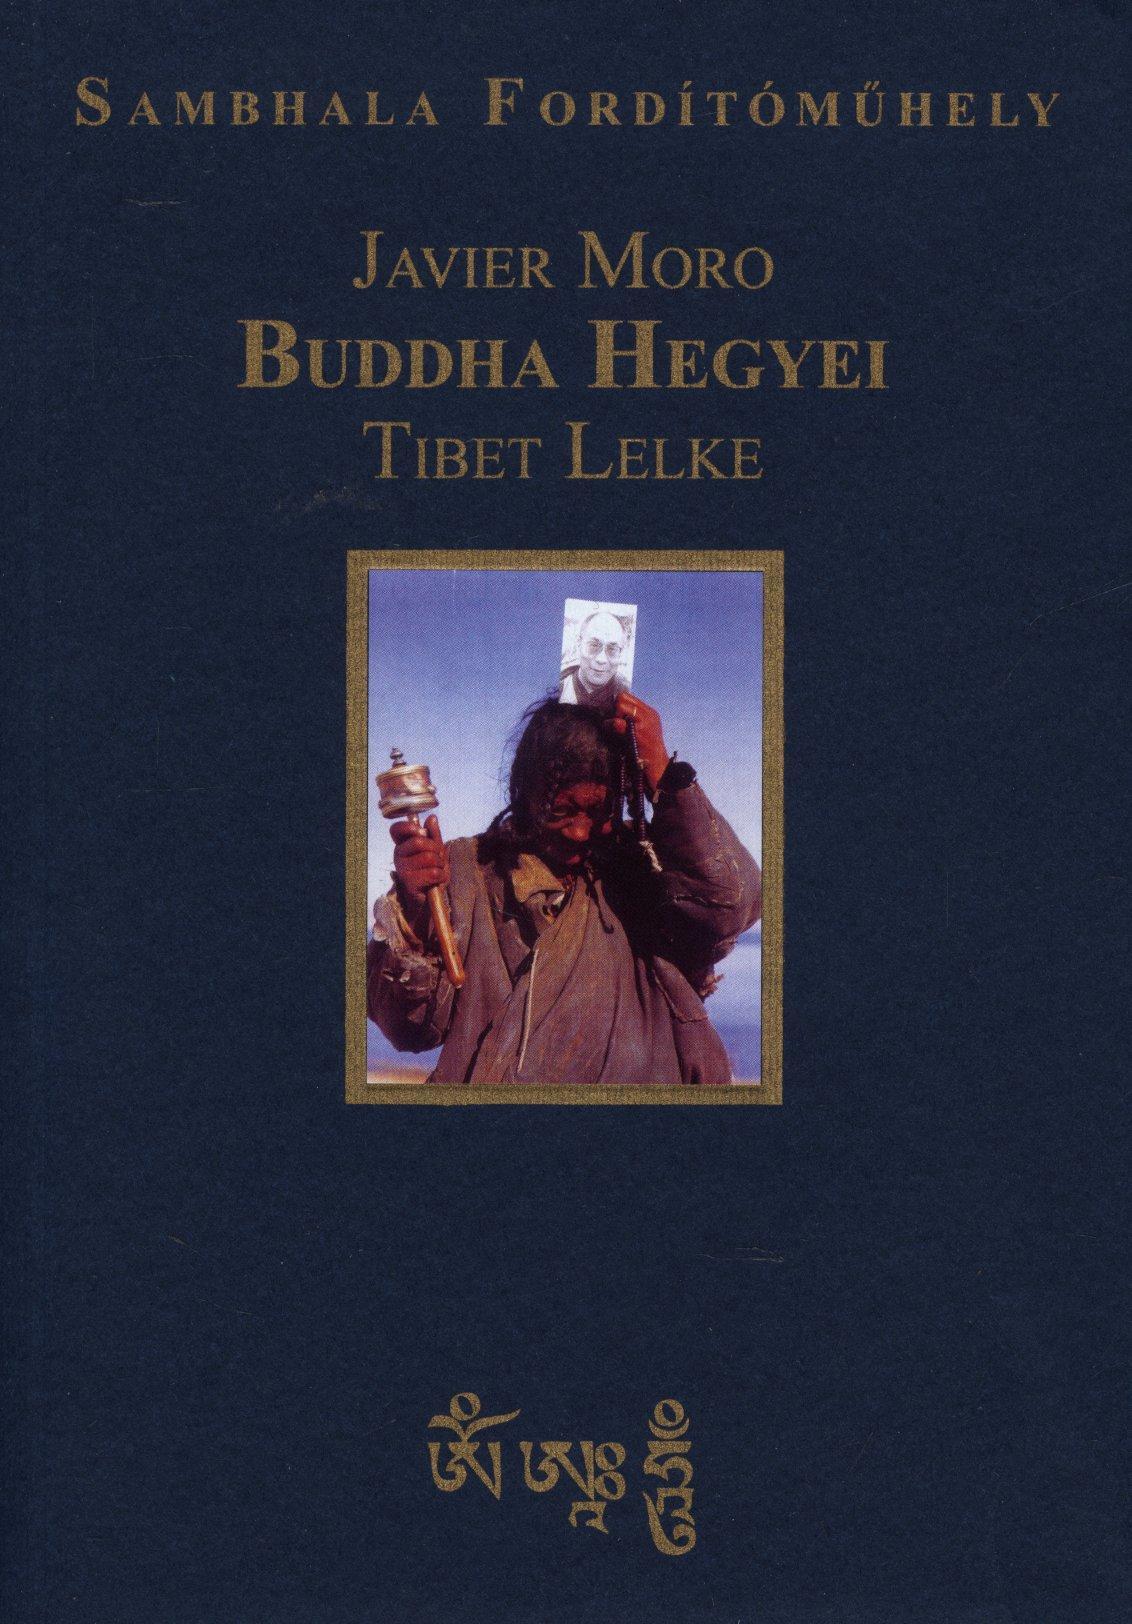 BUDDHA HEGYEI - TIBET LELKE